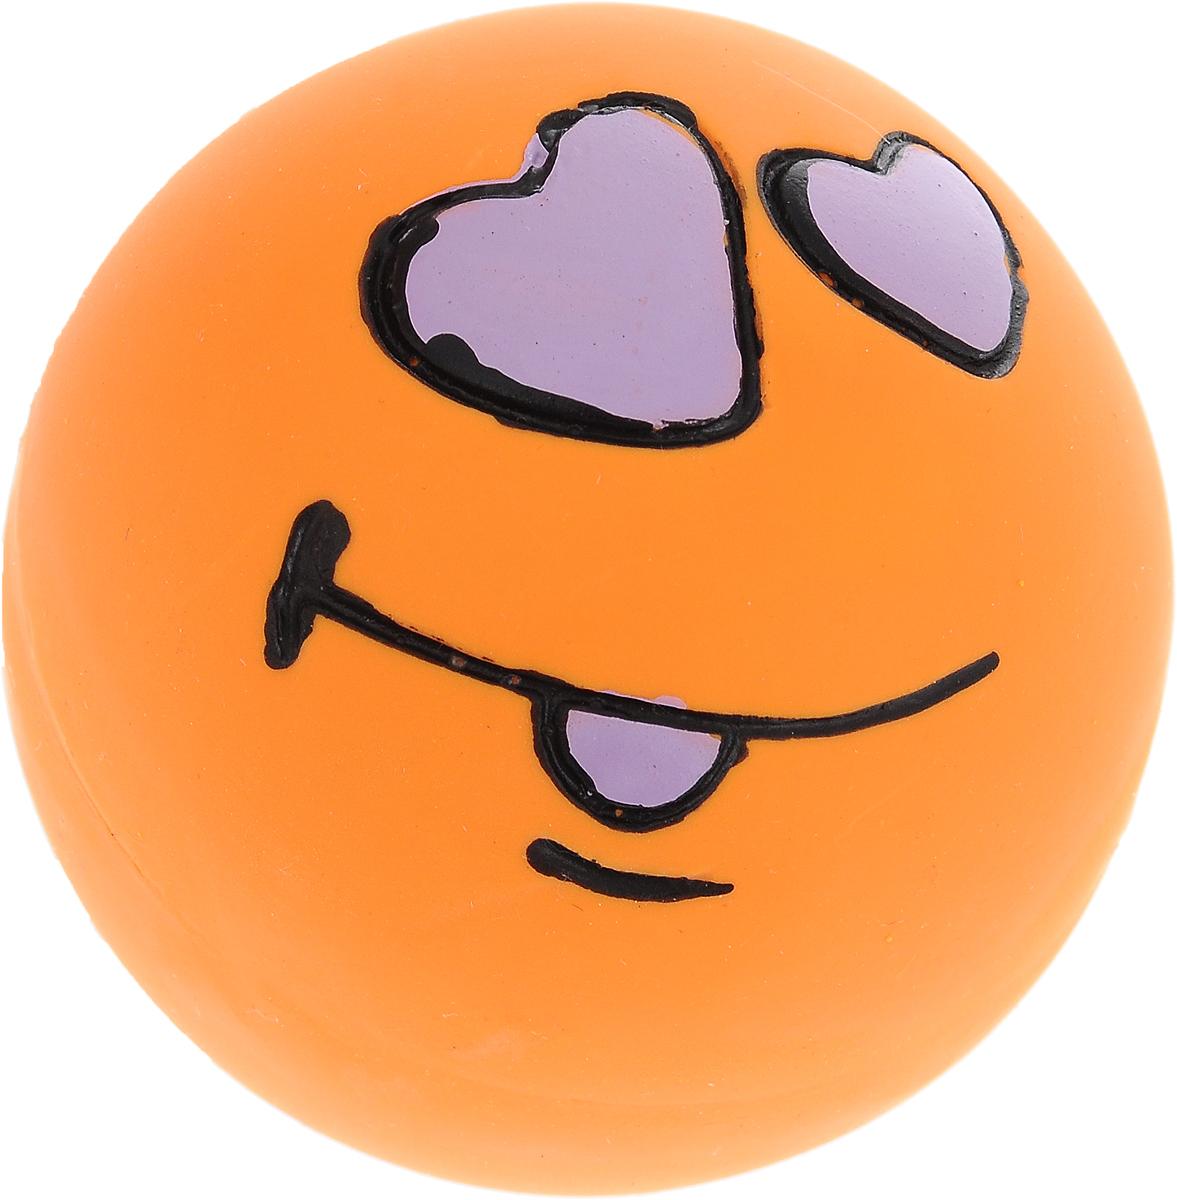 Игрушка для собак Dezzie Мяч №1, 6 см5620119Очаровательная игрушка обеспечит досуг собаке и не позволит ей скучать. Она безопасна для здоровья животного. Латекс не твердеет под действием желудочного сока, поэтому игрушку можно смело покупать даже самым маленьким щенкам.